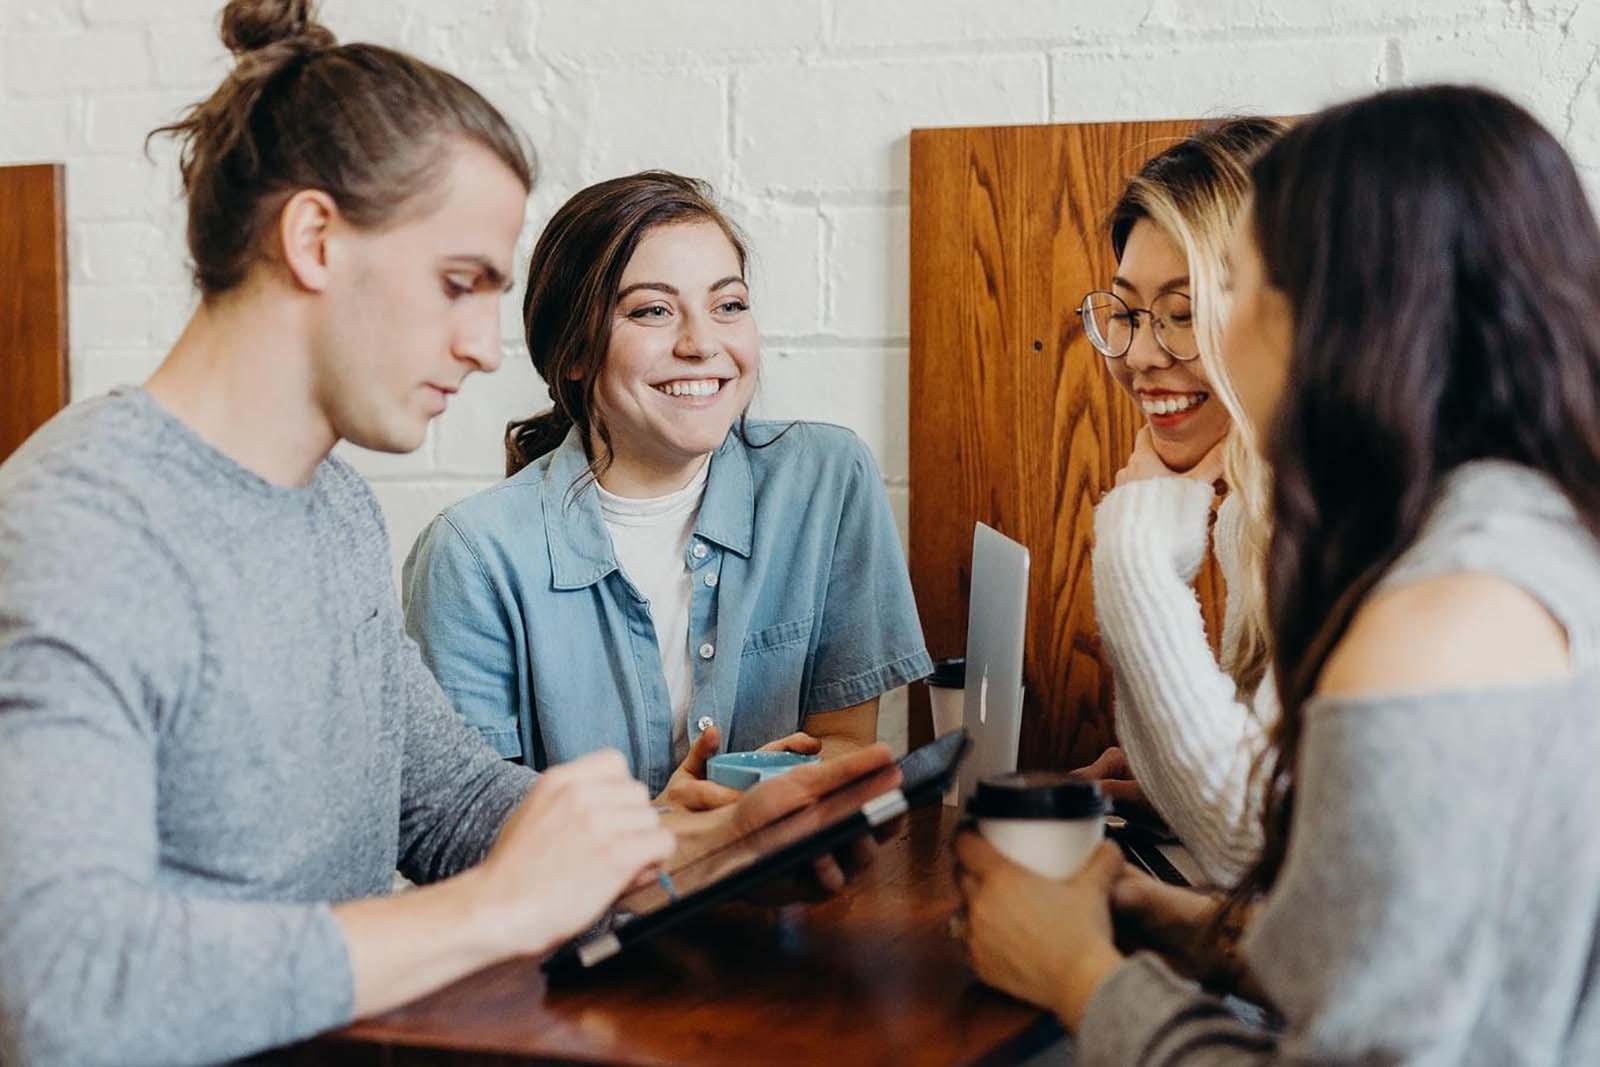 Интернет-маркетинг. Тренды. 5 ценных советов руководителю в 2021 году